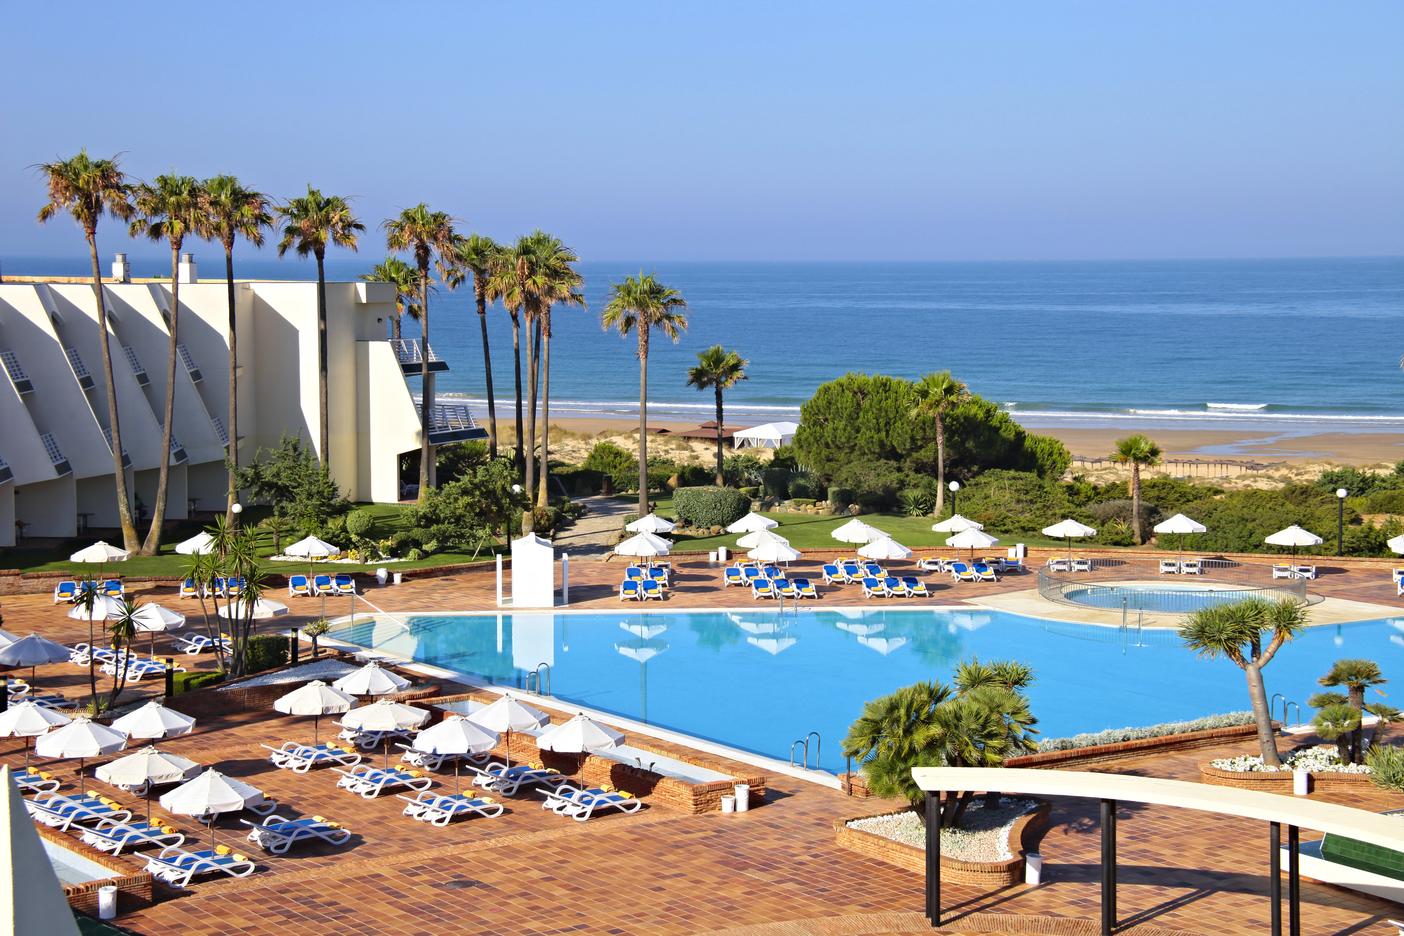 Barrosa Hotel Costa De La Luz